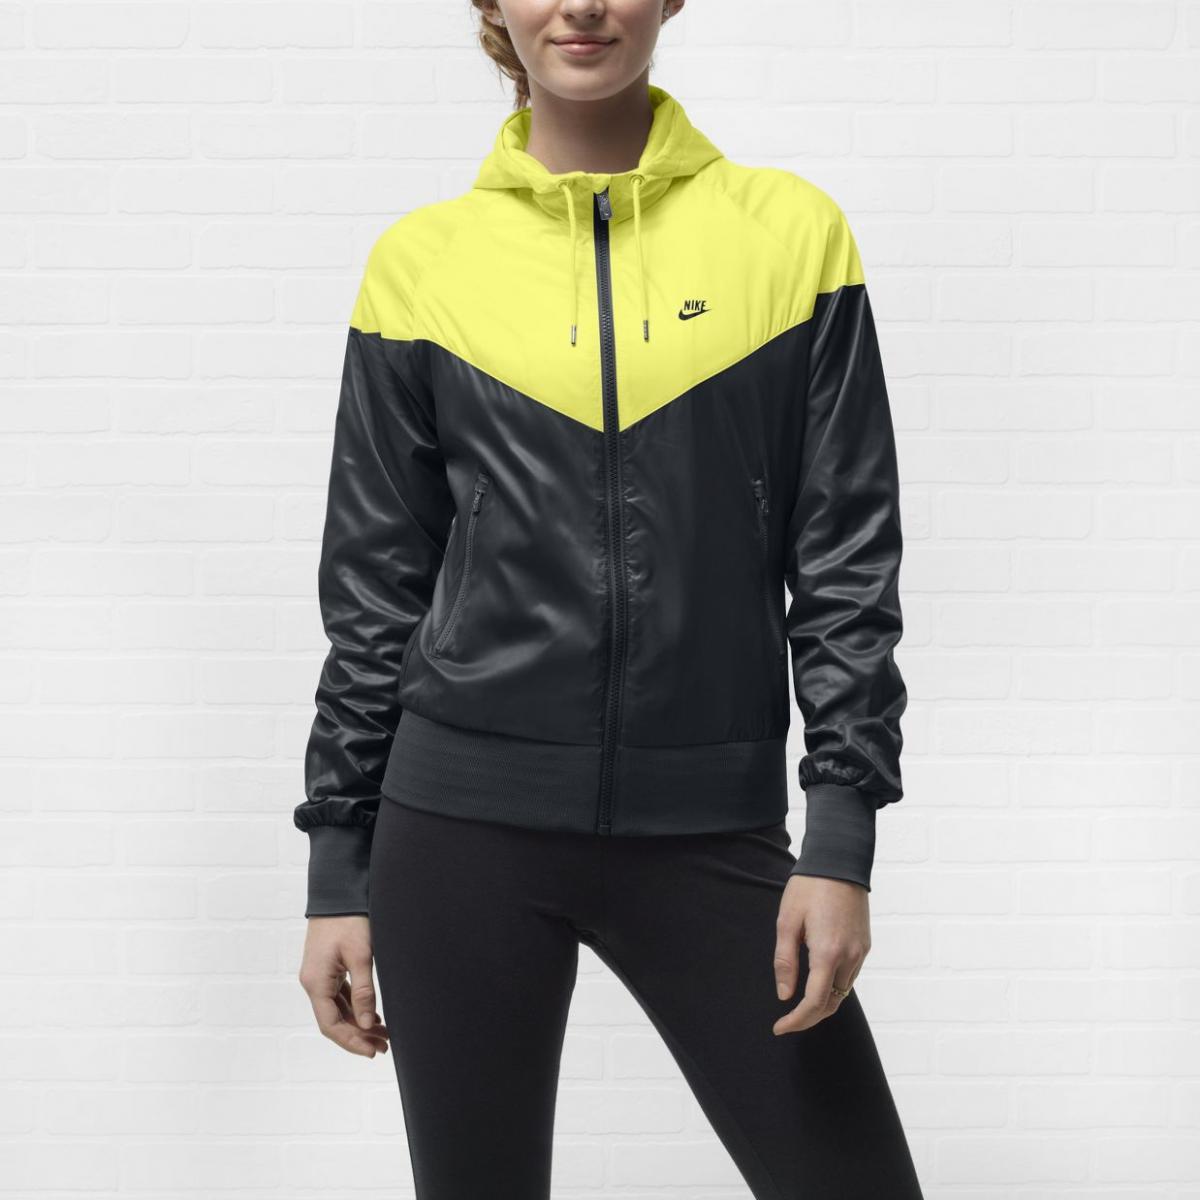 sportowa kurteczka Nike w kolorze czarno-żółtym - wiosna i lato 2013